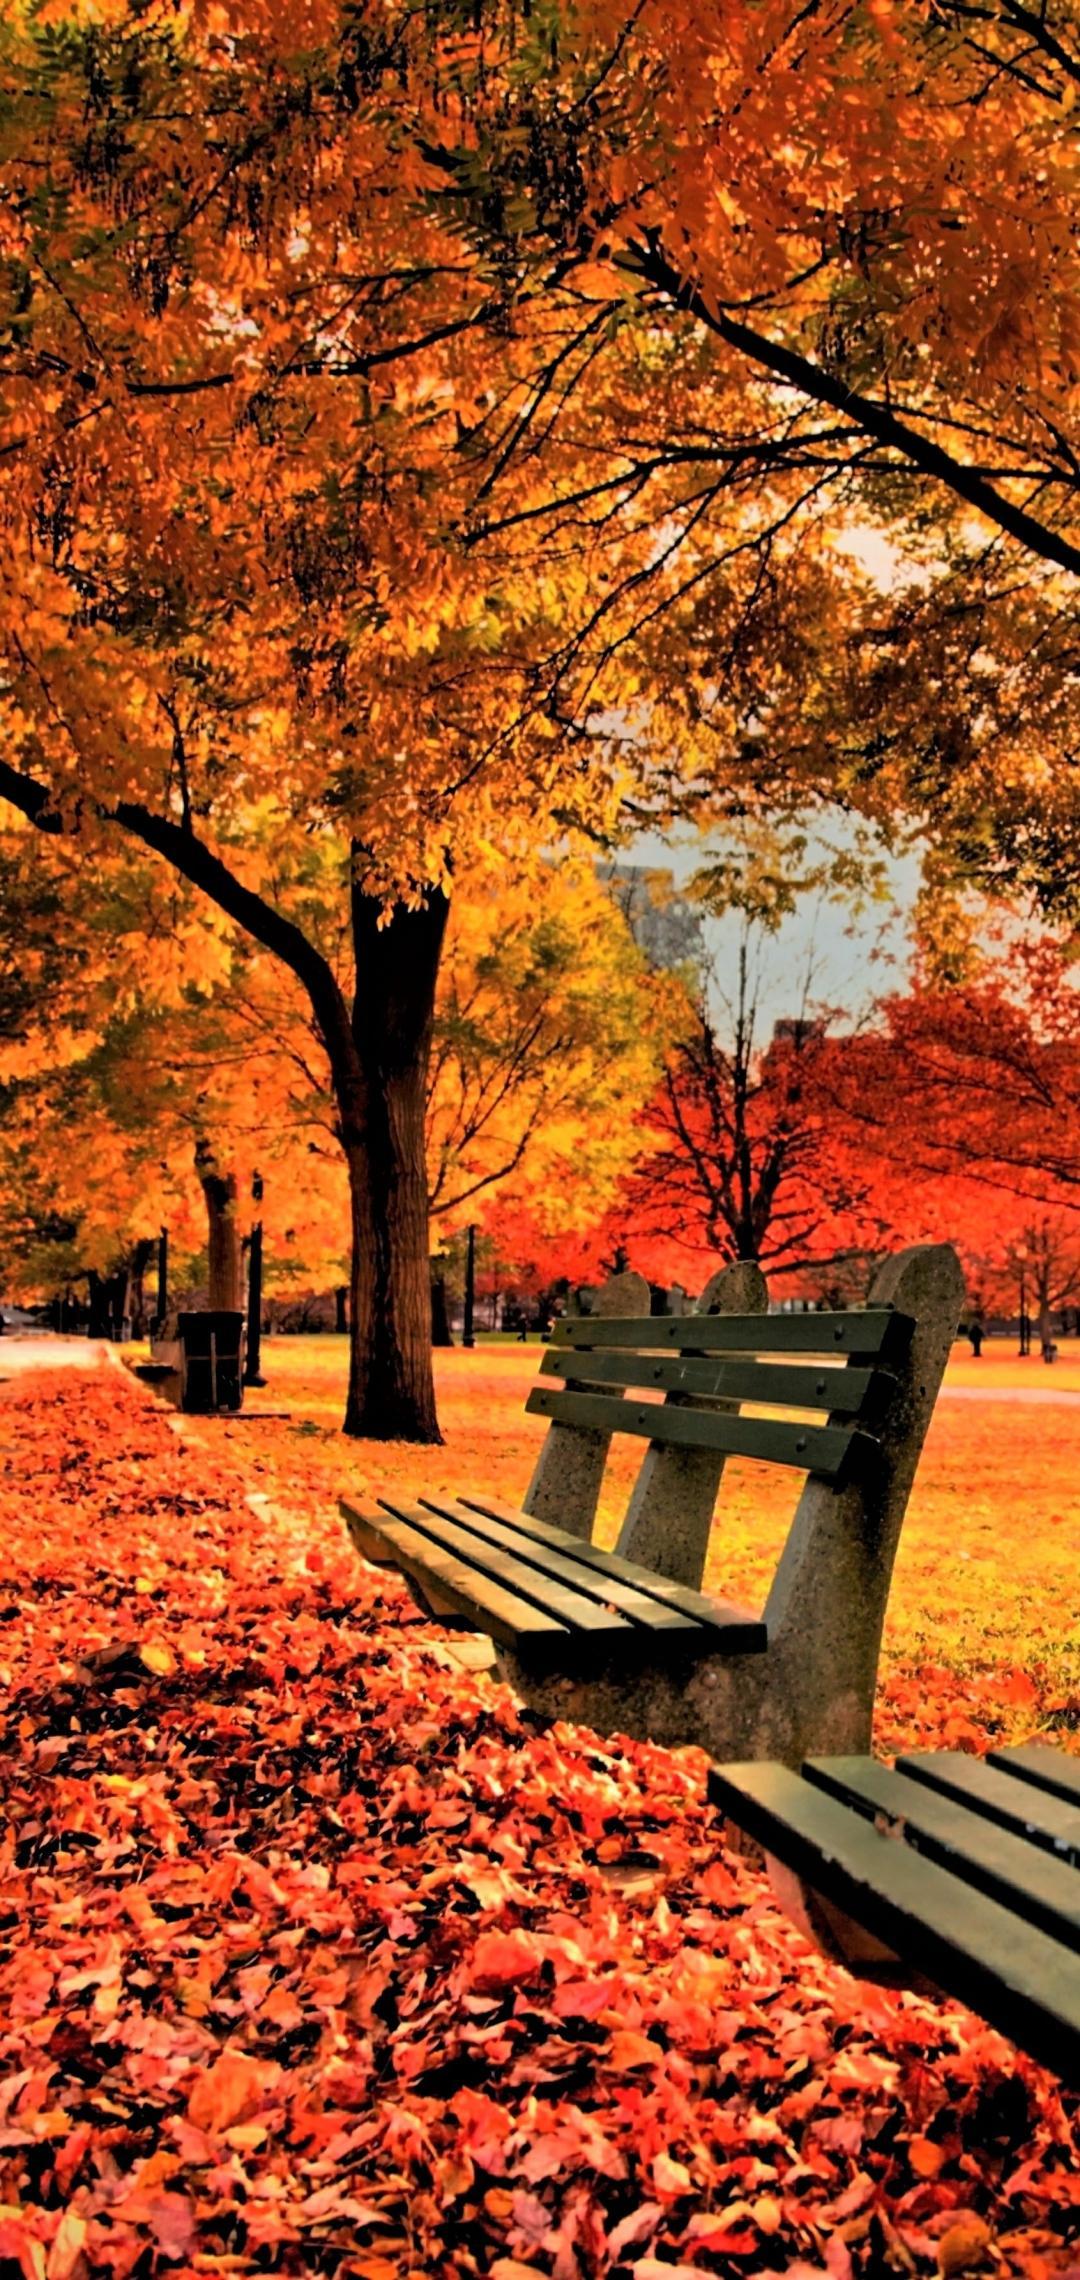 Hình nền Công viên Nhiếp ảnh 1080x2280 (1080x2280)